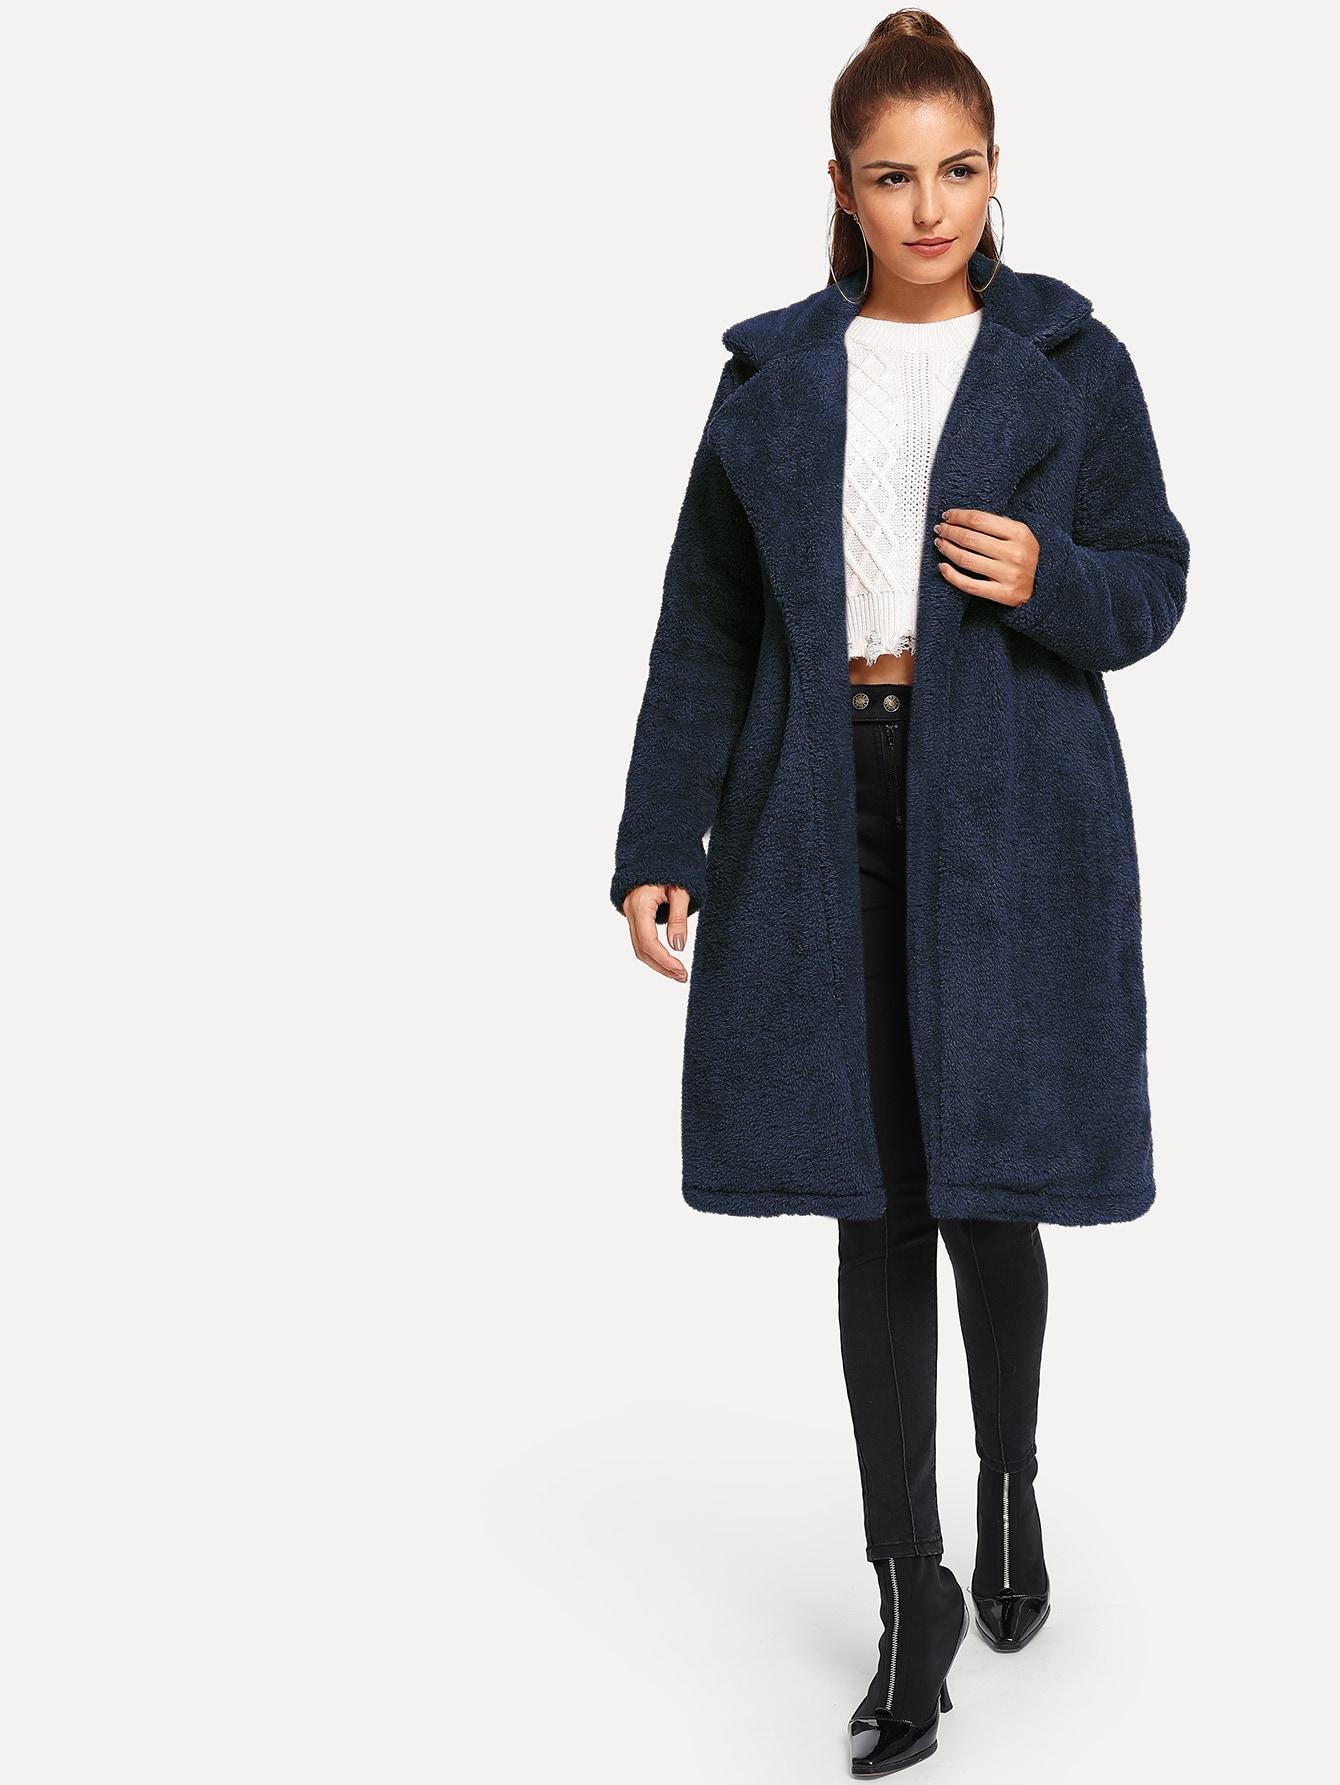 Пальто  Темно синий цвета